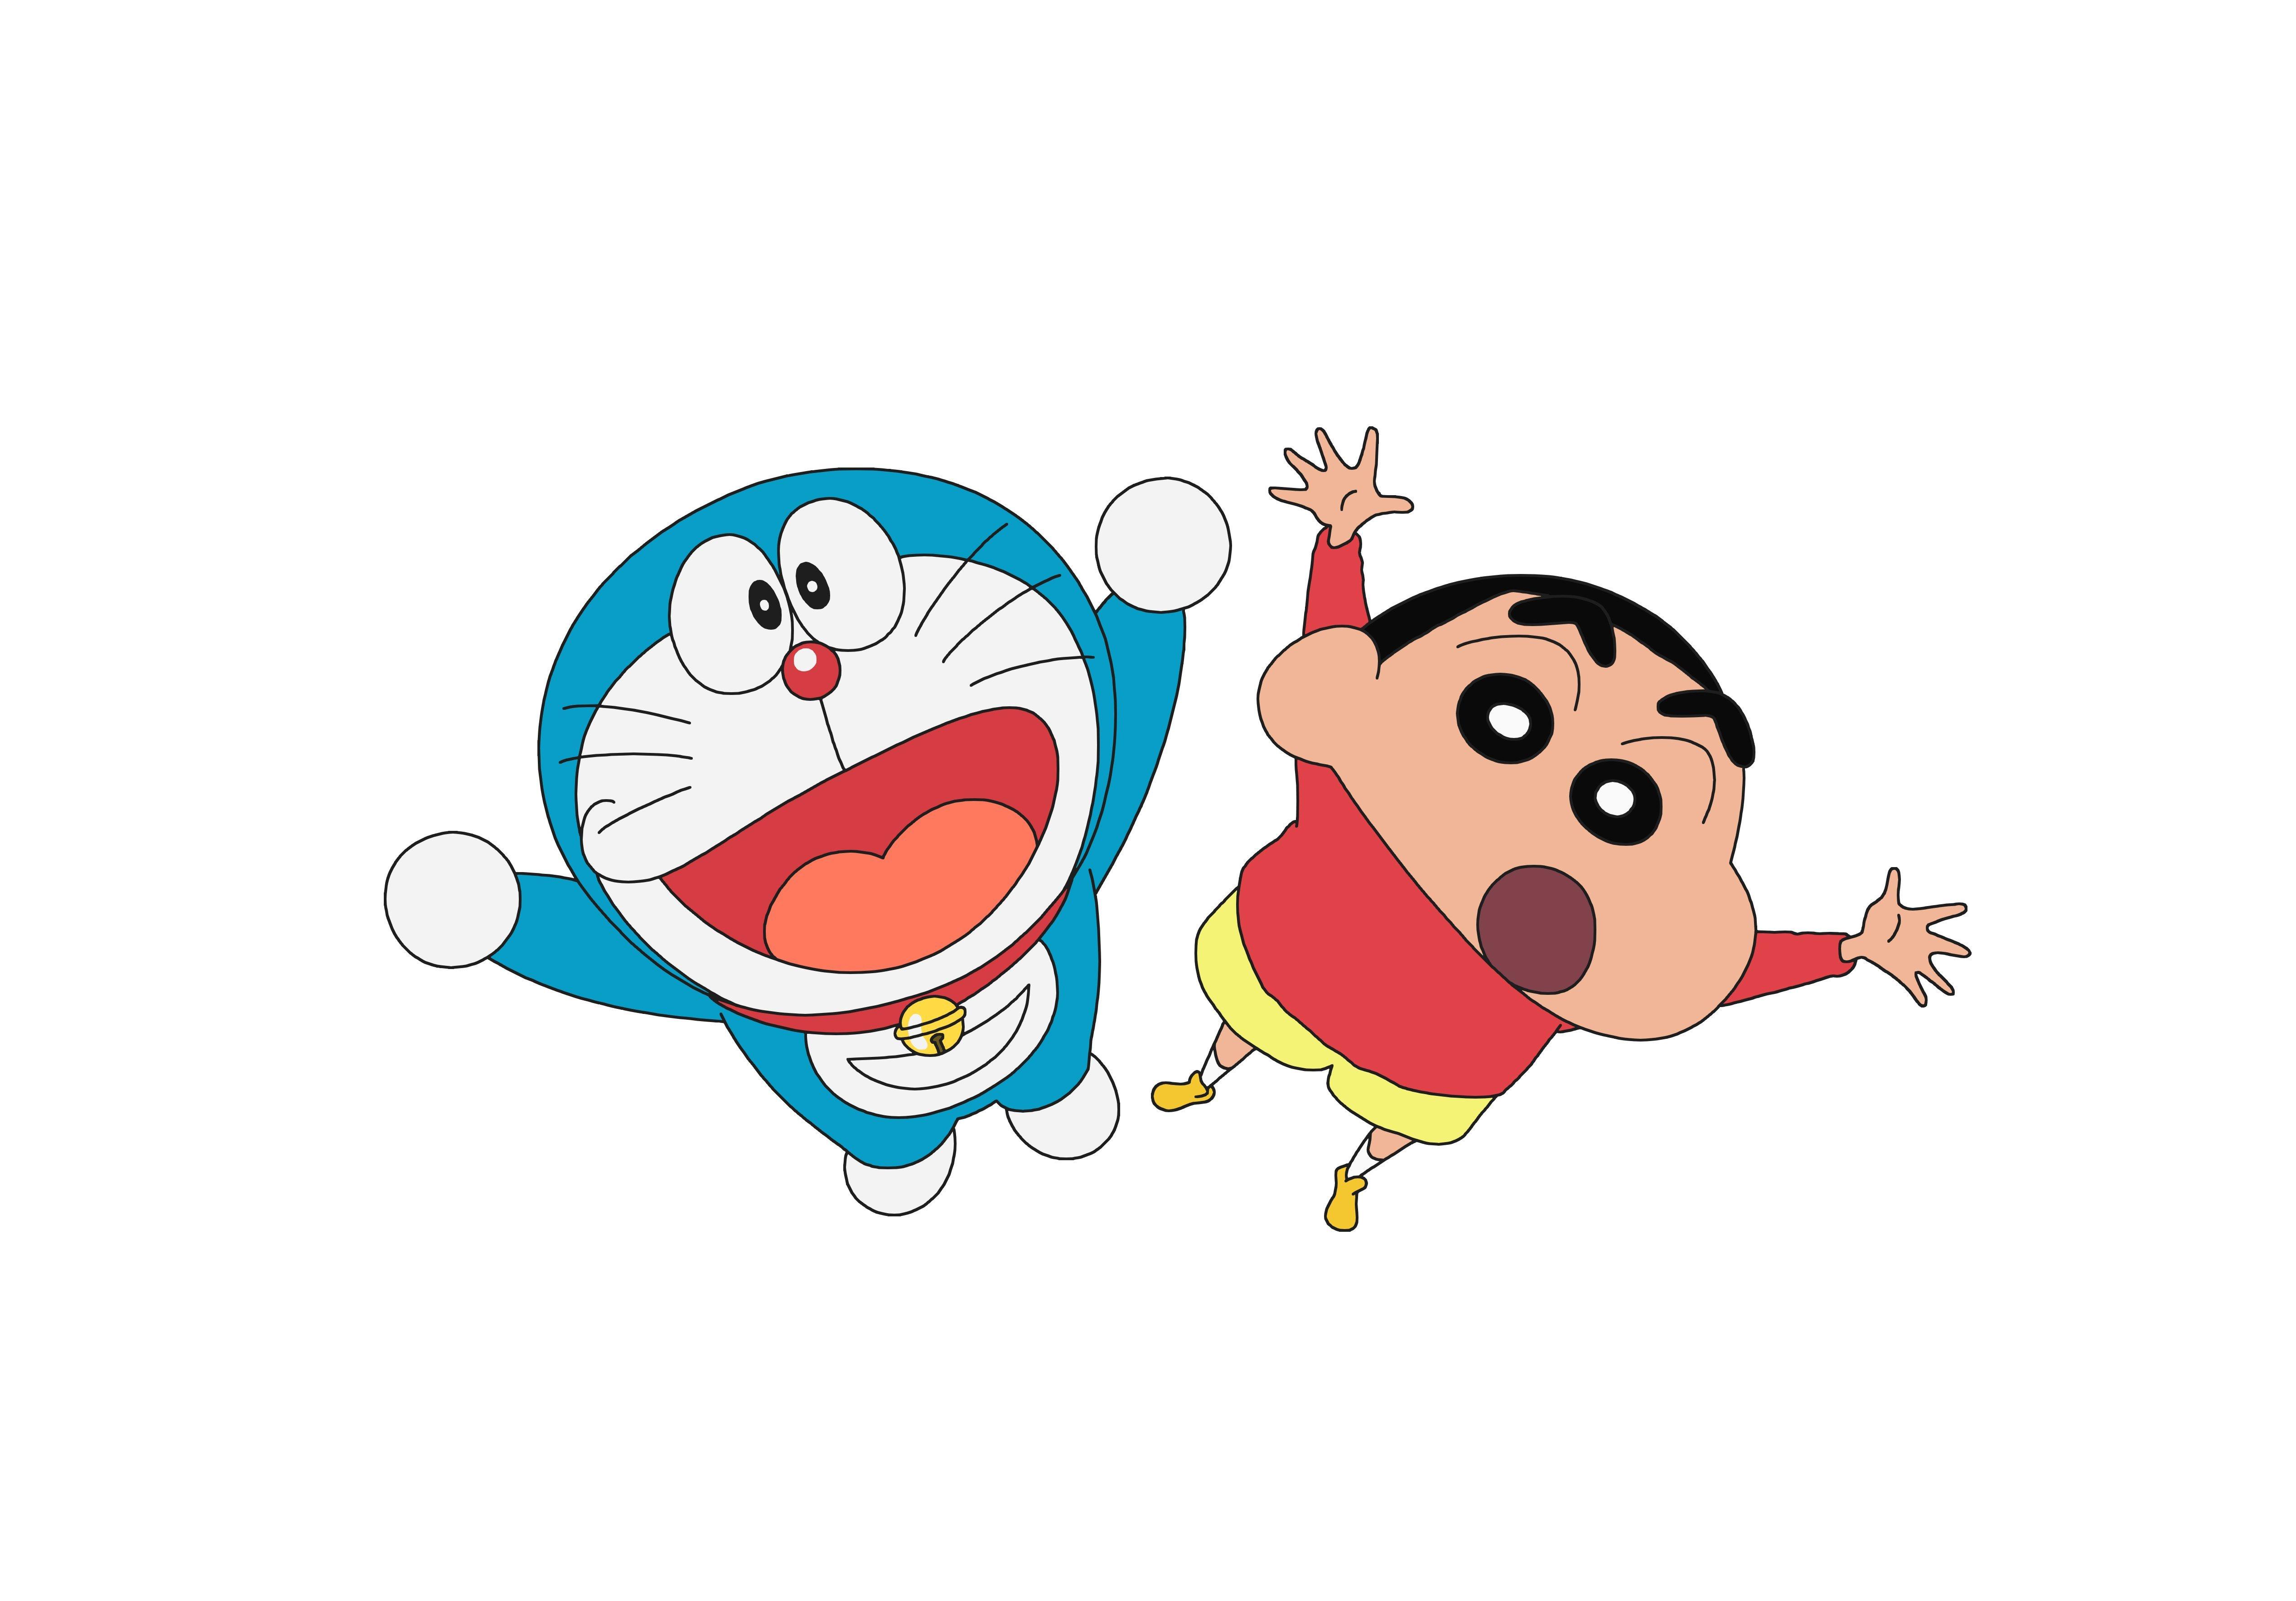 哆啦A梦 蜡笔小新 朝日电视台